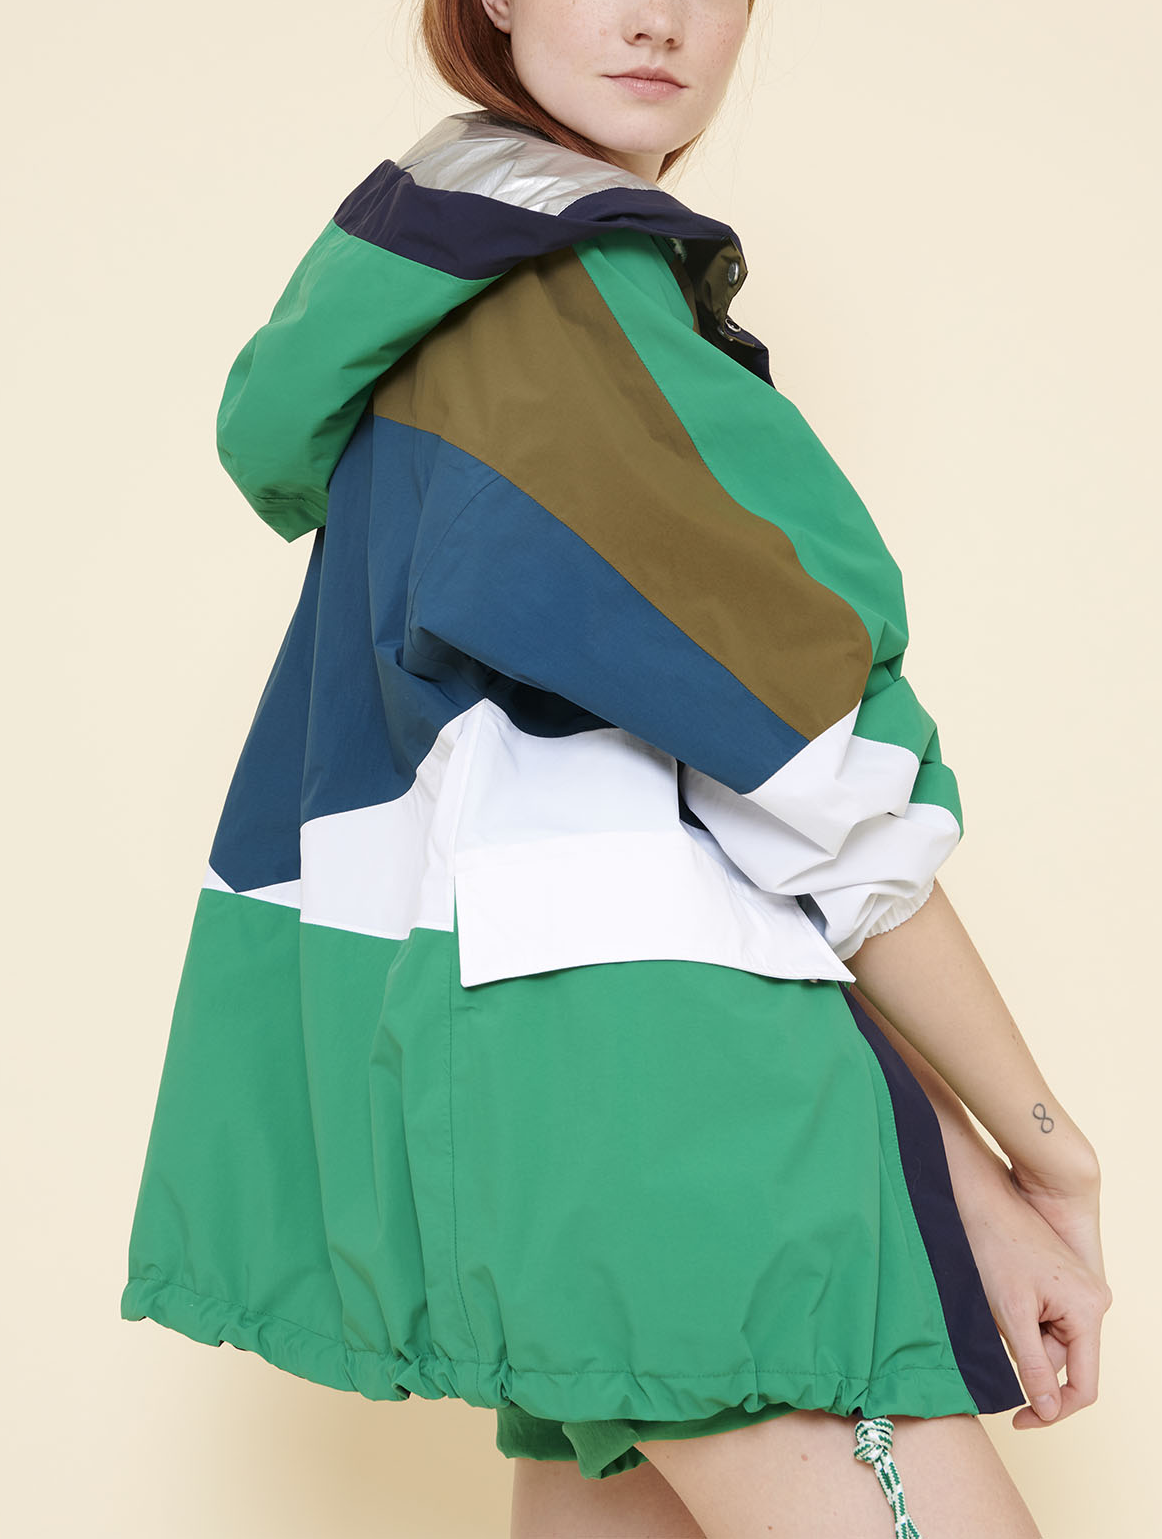 Хөдөөгөөр аялахдаа ч загварлаг: Таны аяллын хувцаслалтын хөтөч (фото 4)